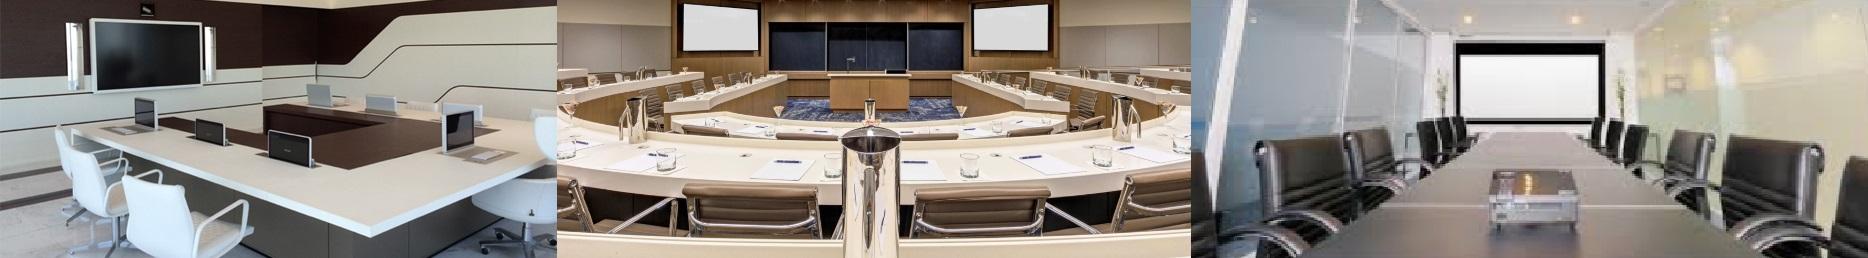 Sistemas multimedia para Salas de reuniones, conferencias y aulas